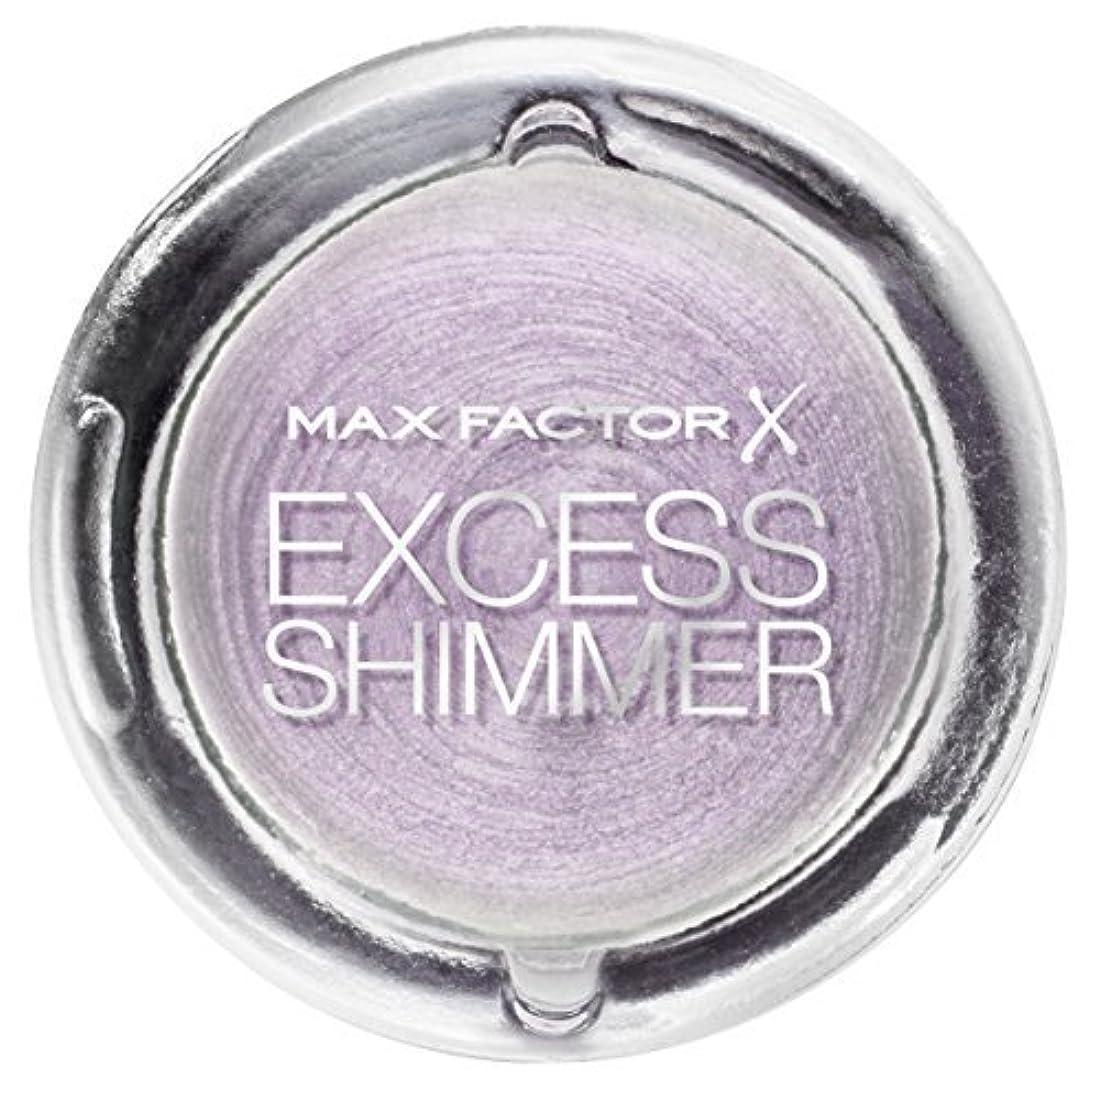 ヒューム適応大破Excess Shimmer Eyeshadow by Max Factor Pink Opal 15 by Max Factor